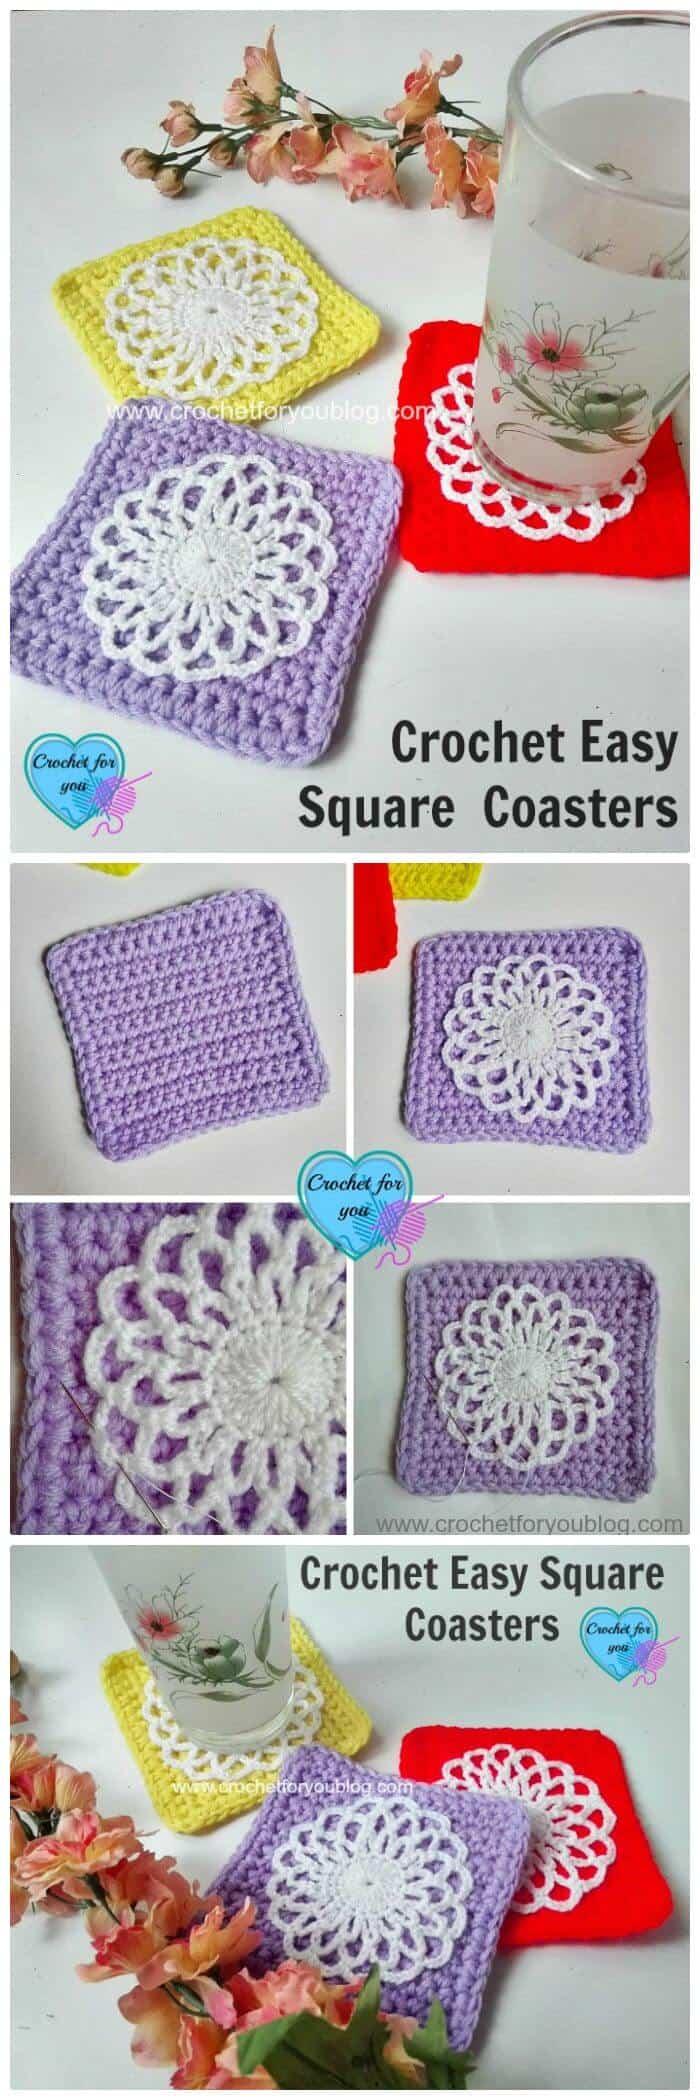 DIY Free Crochet Easy Square Coaster Pattern, ¡Patrones de posavasos de crochet fáciles y gratuitos para los amantes del crochet!